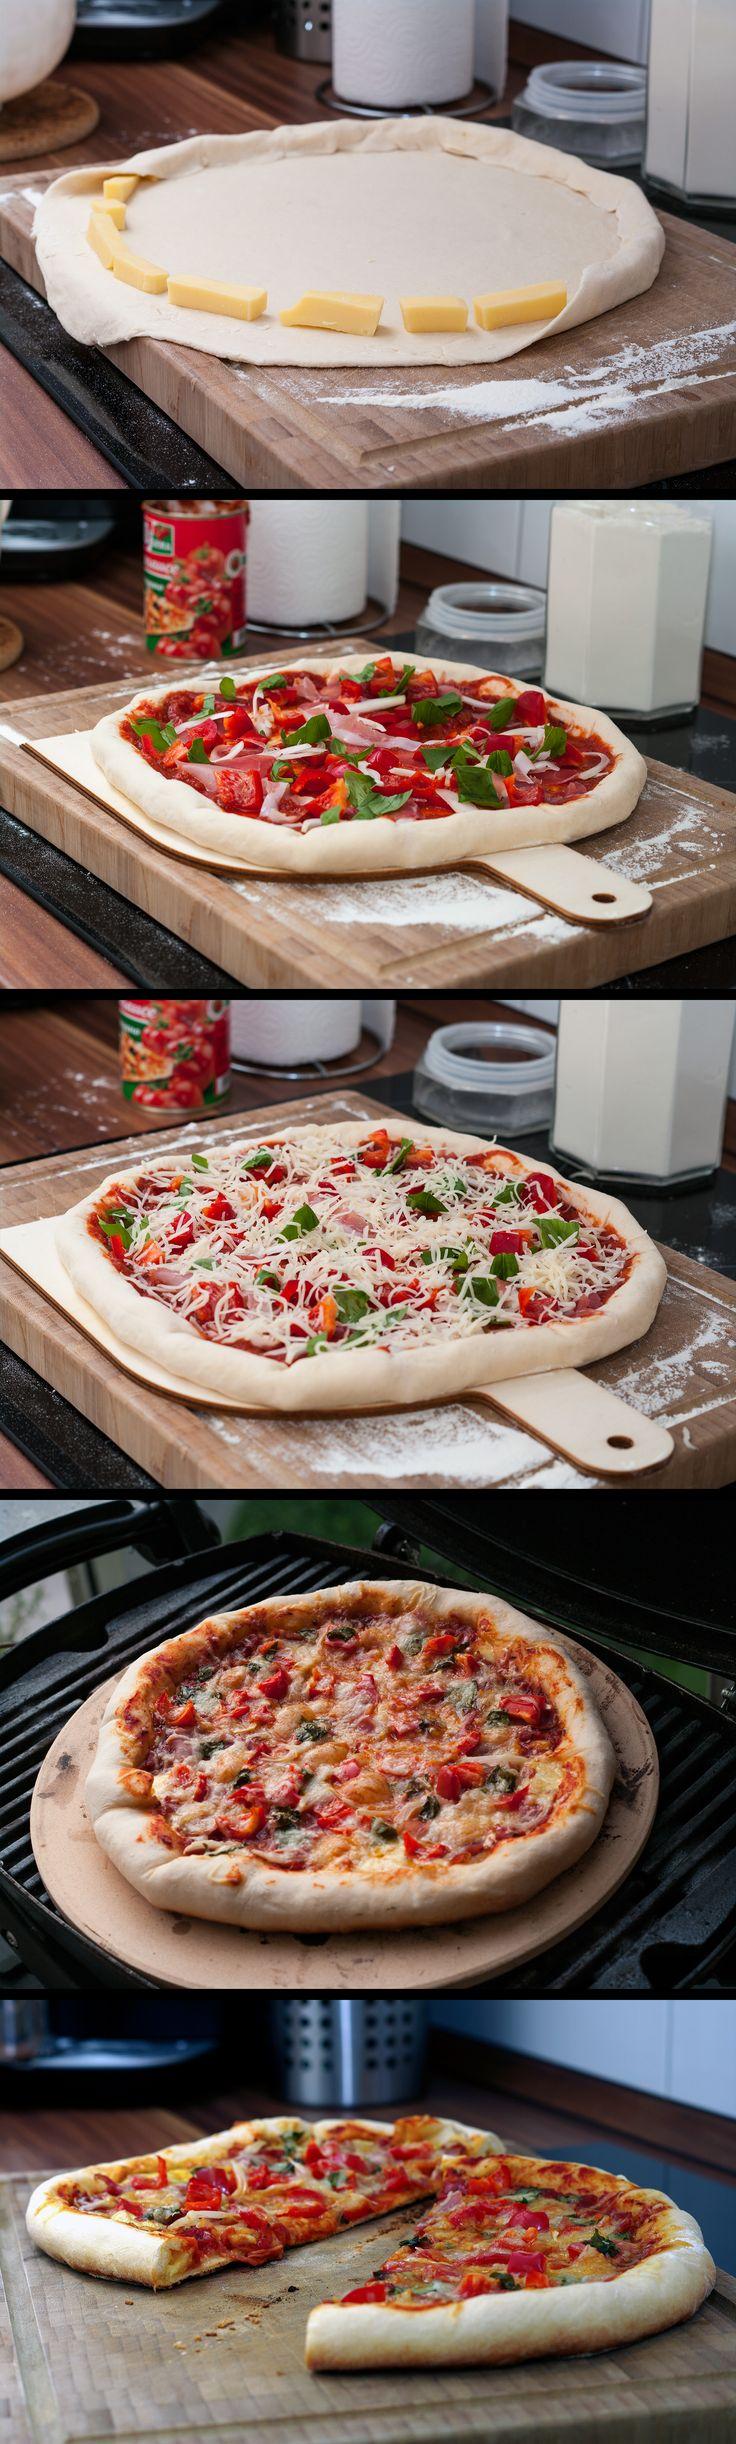 Cheesy-Crust-Pizza vom Pizzastein